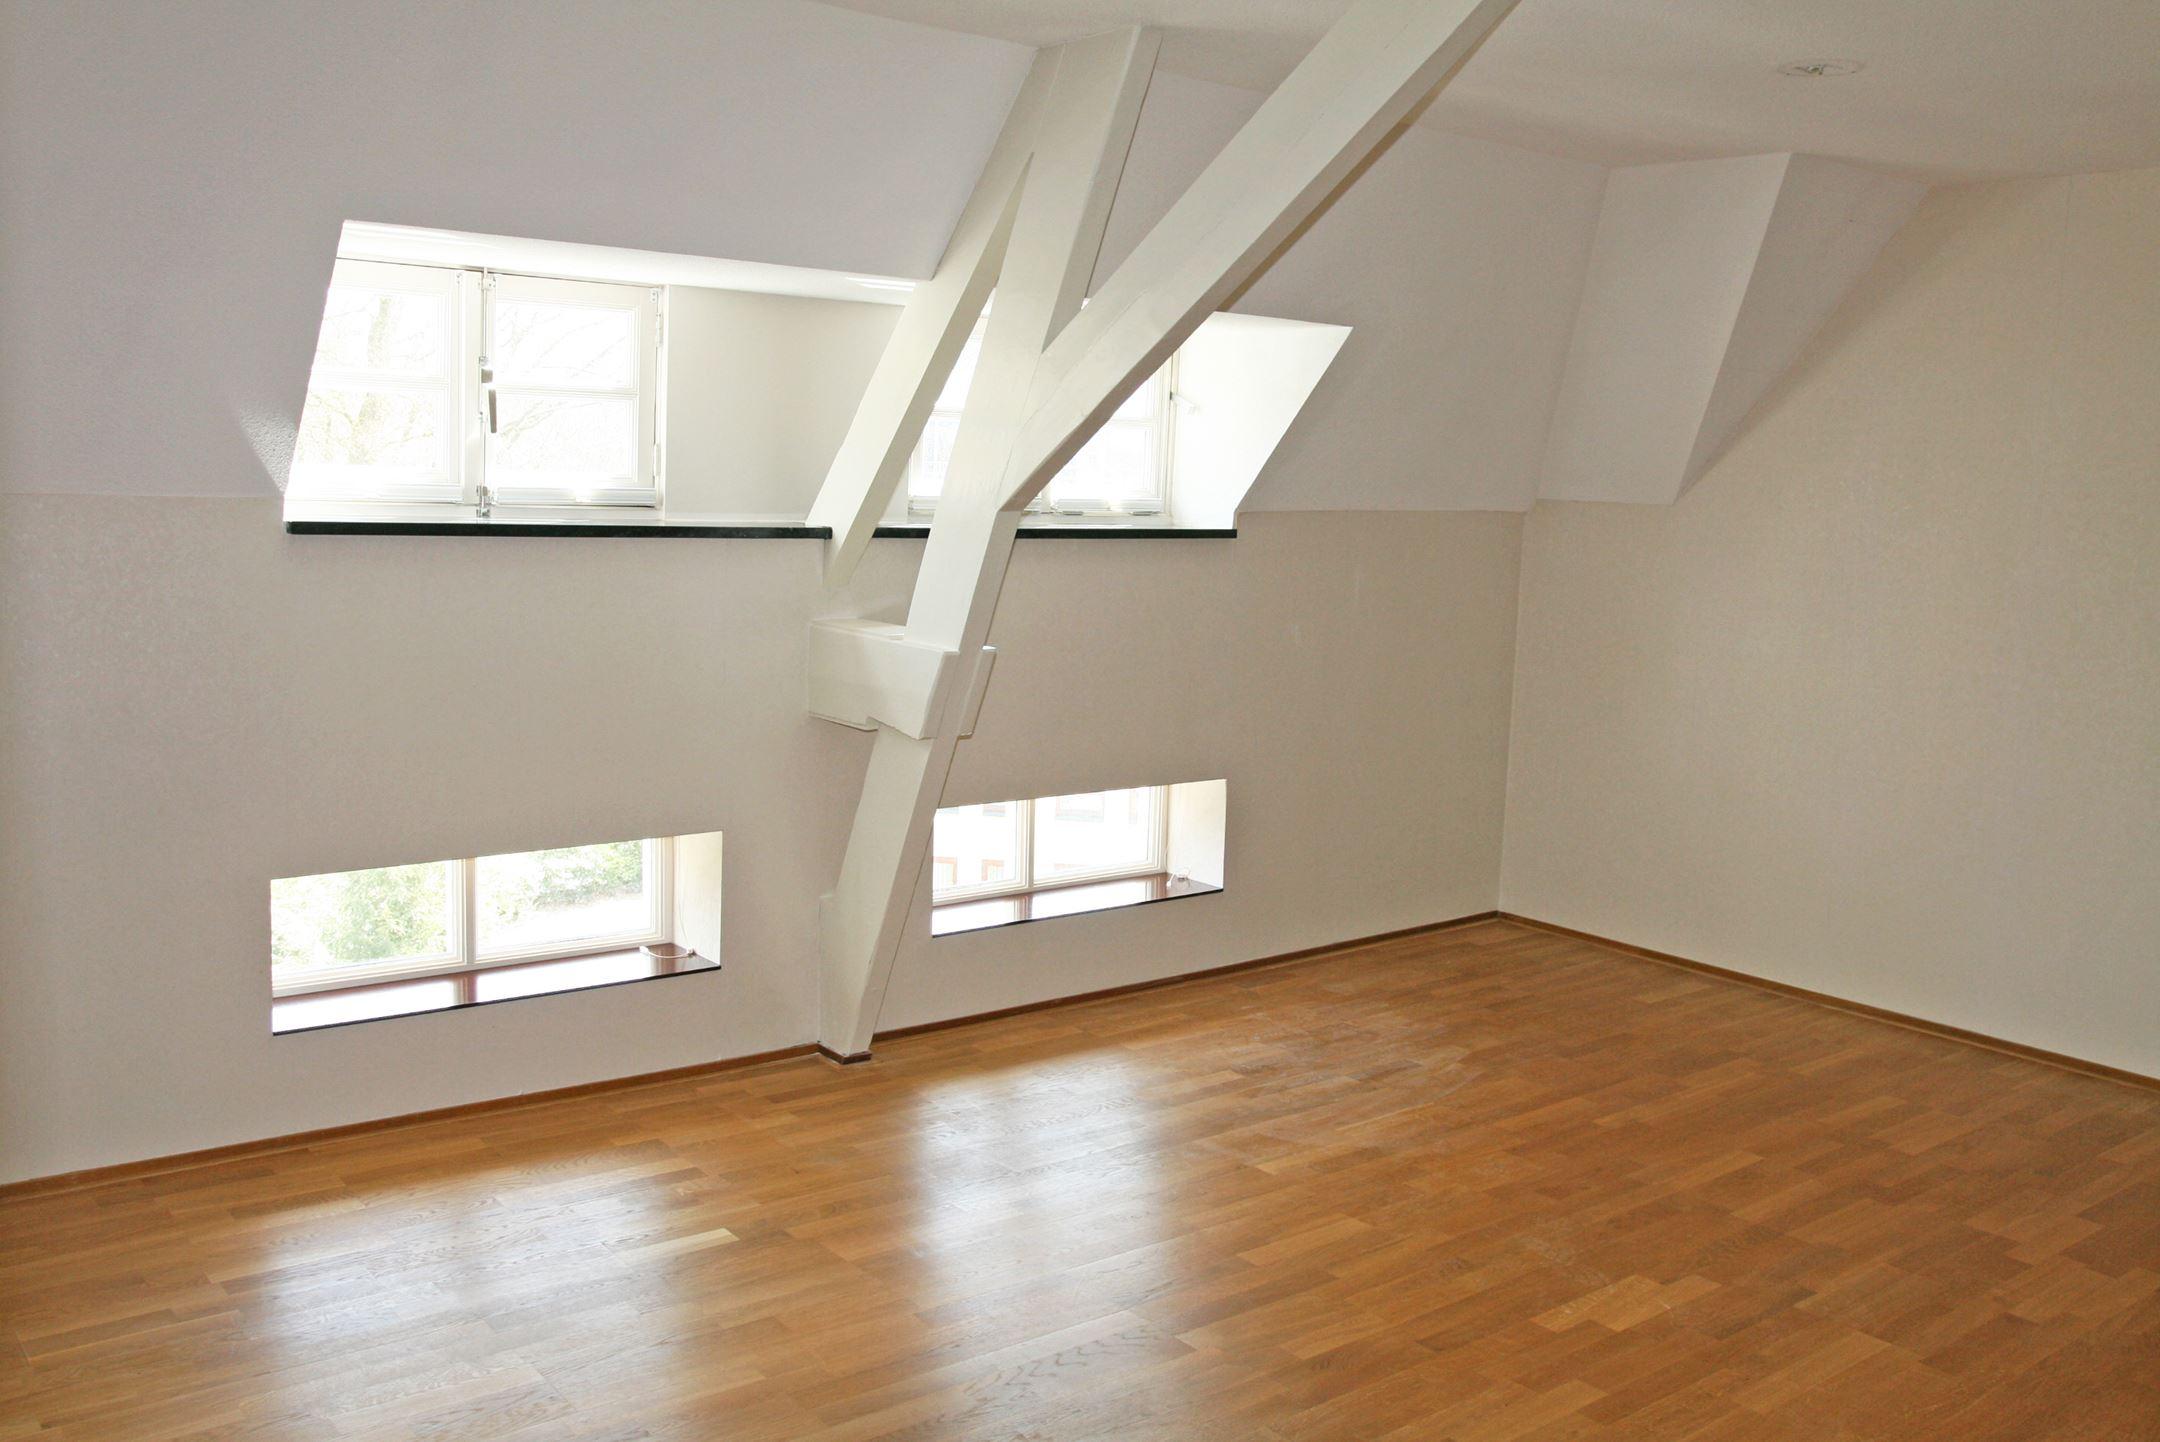 Appartement te koop: villandry 54 6523 nz nijmegen [funda]